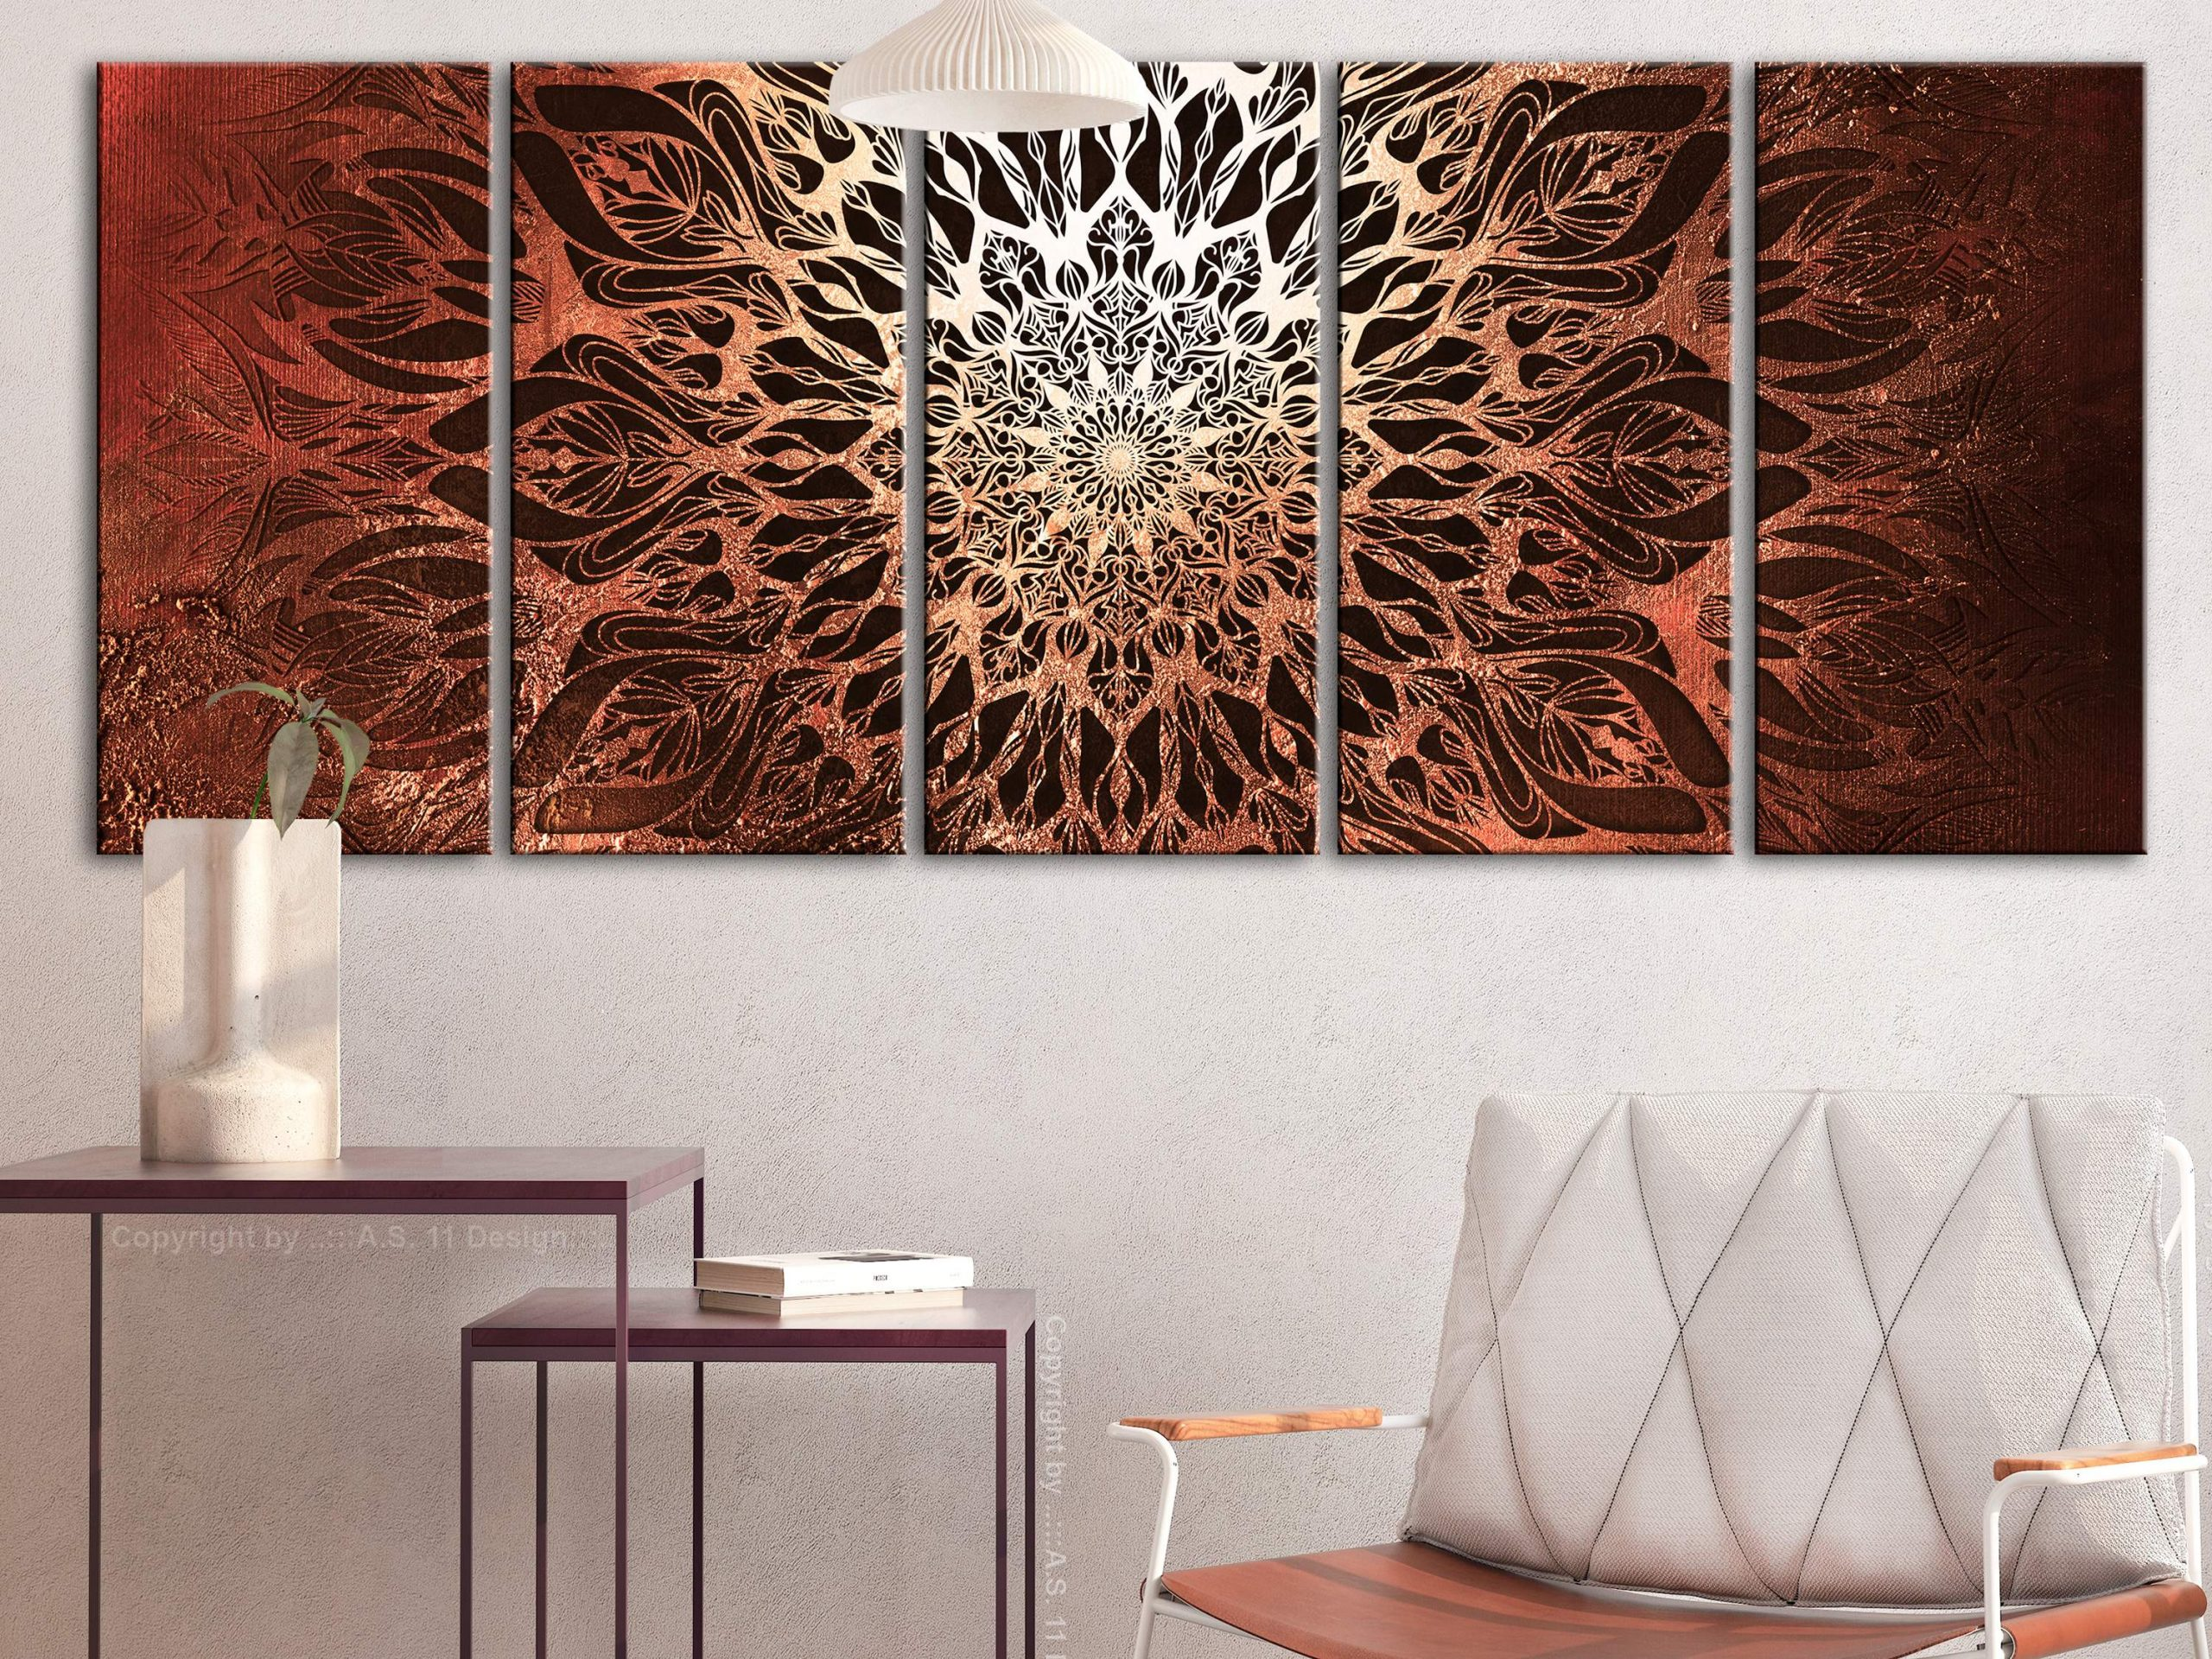 Full Size of Wandbilder Wohnzimmer Modern Xxl 25 Frisch Einzigartig Das Beste Vorhänge Dekoration Deckenlampen Wandbild Hängeschrank Weiß Hochglanz Deckenlampe Wohnwand Wohnzimmer Wandbilder Wohnzimmer Modern Xxl